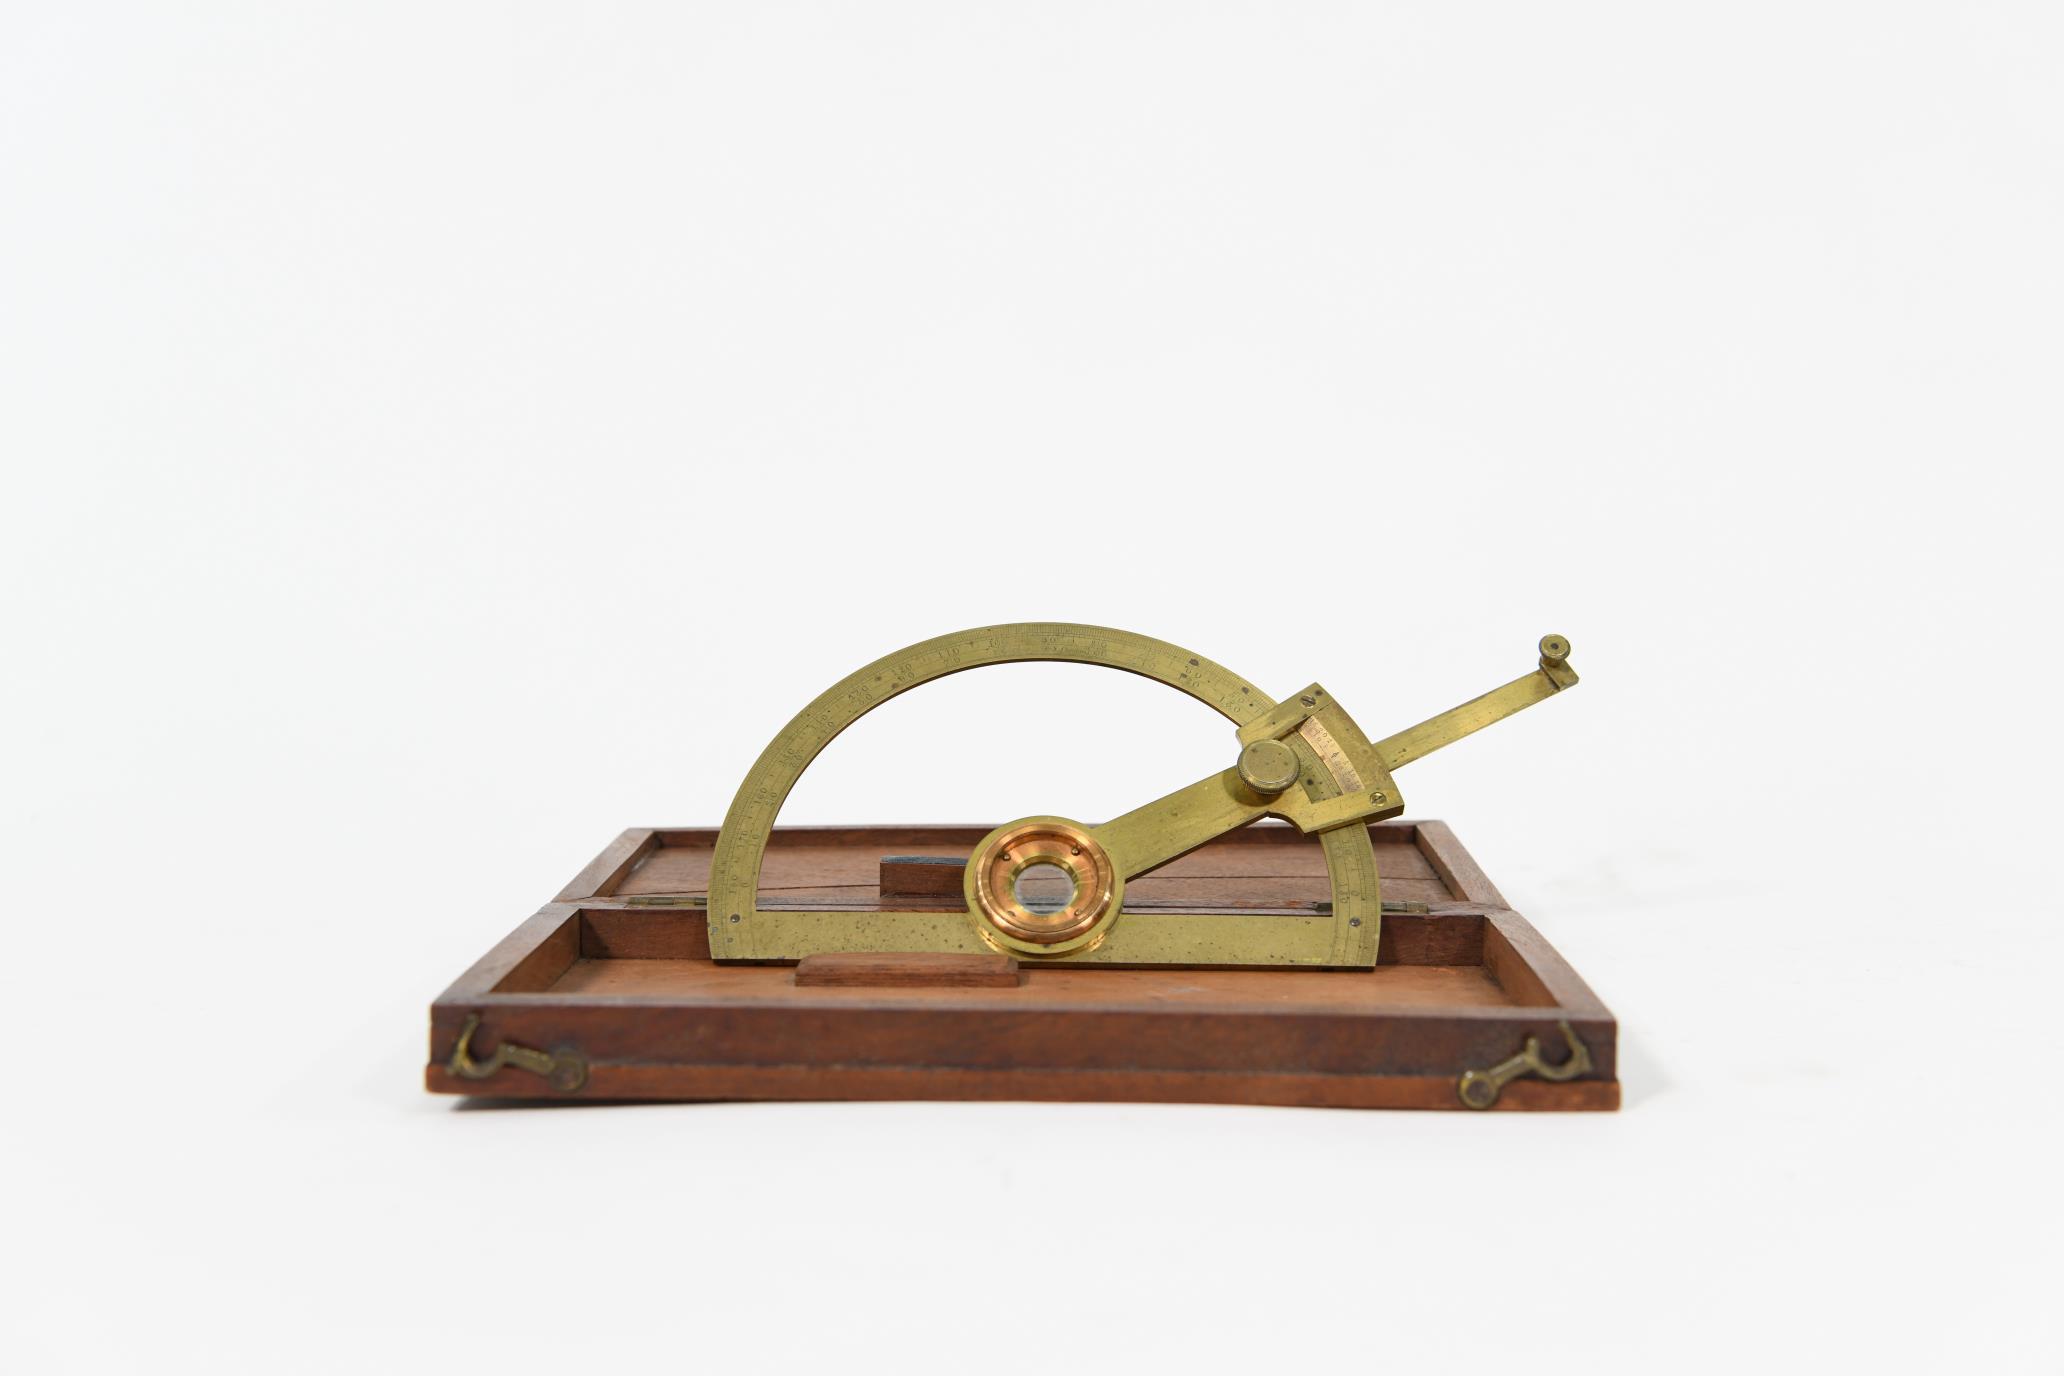 史蒂文·洛文希尔向我馆捐赠一件量角器藏品